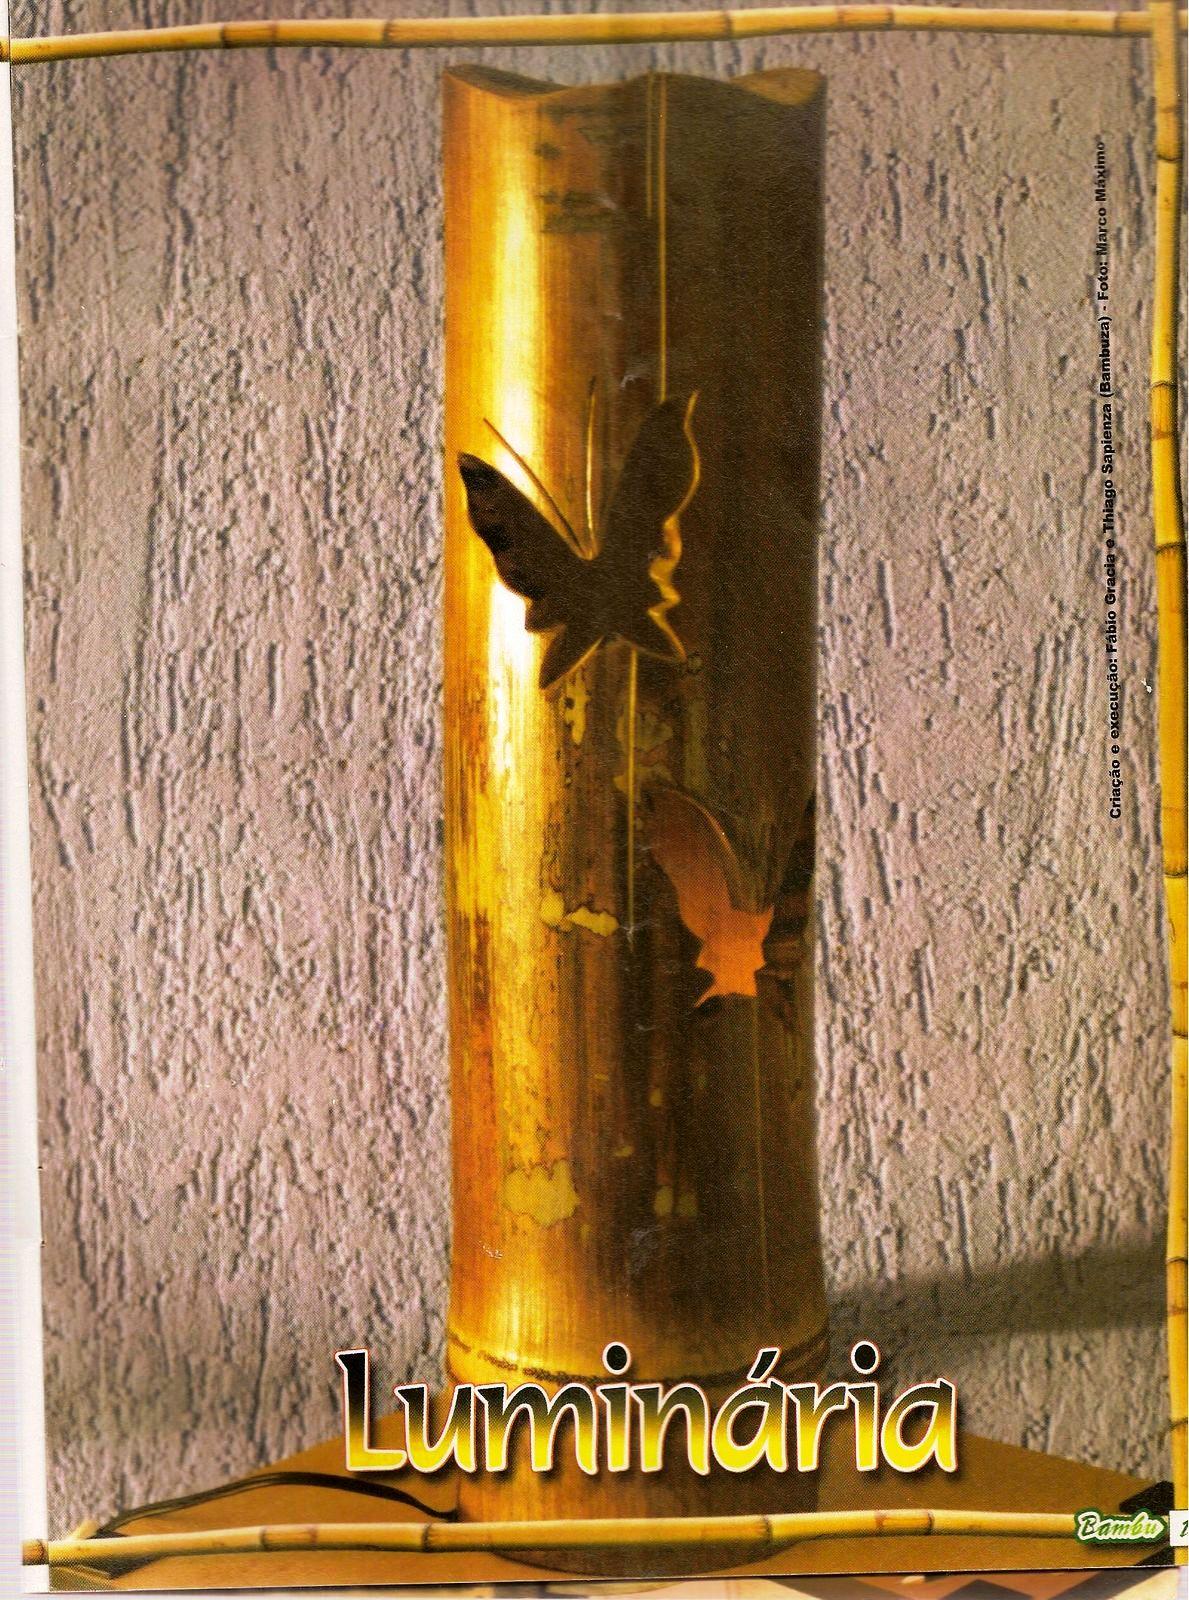 con fibras naturales bamb ceniceros incensarios lmparas vallas para el jadn portalpices jardinerasu